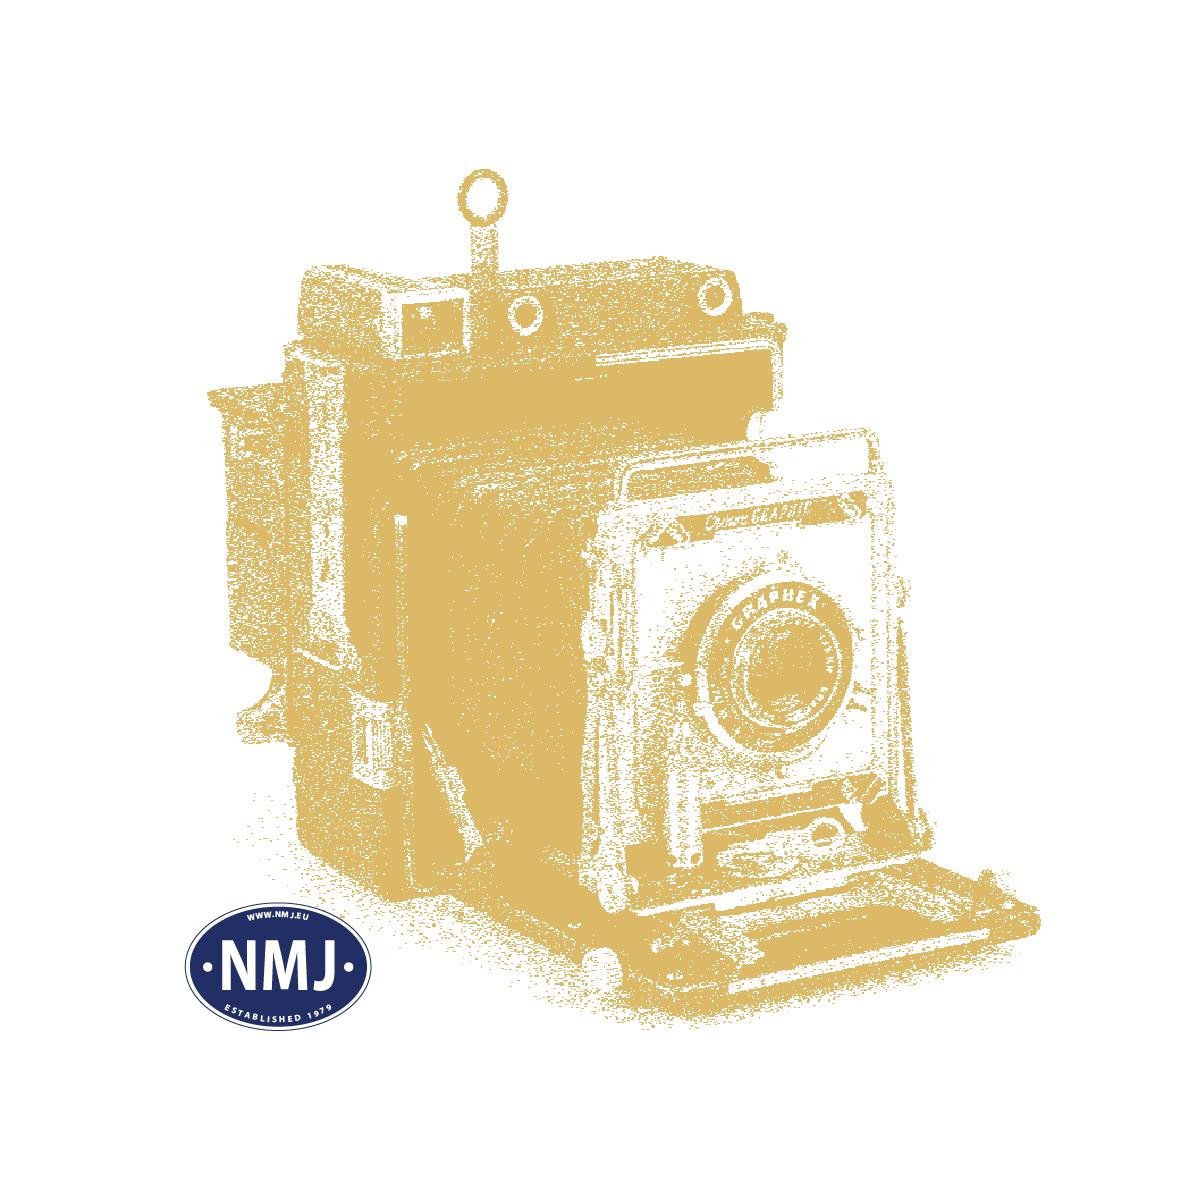 NMJT90205 - NMJ Topline 91205 MAV M61.019, Nohab, DCC med Lyd, H0